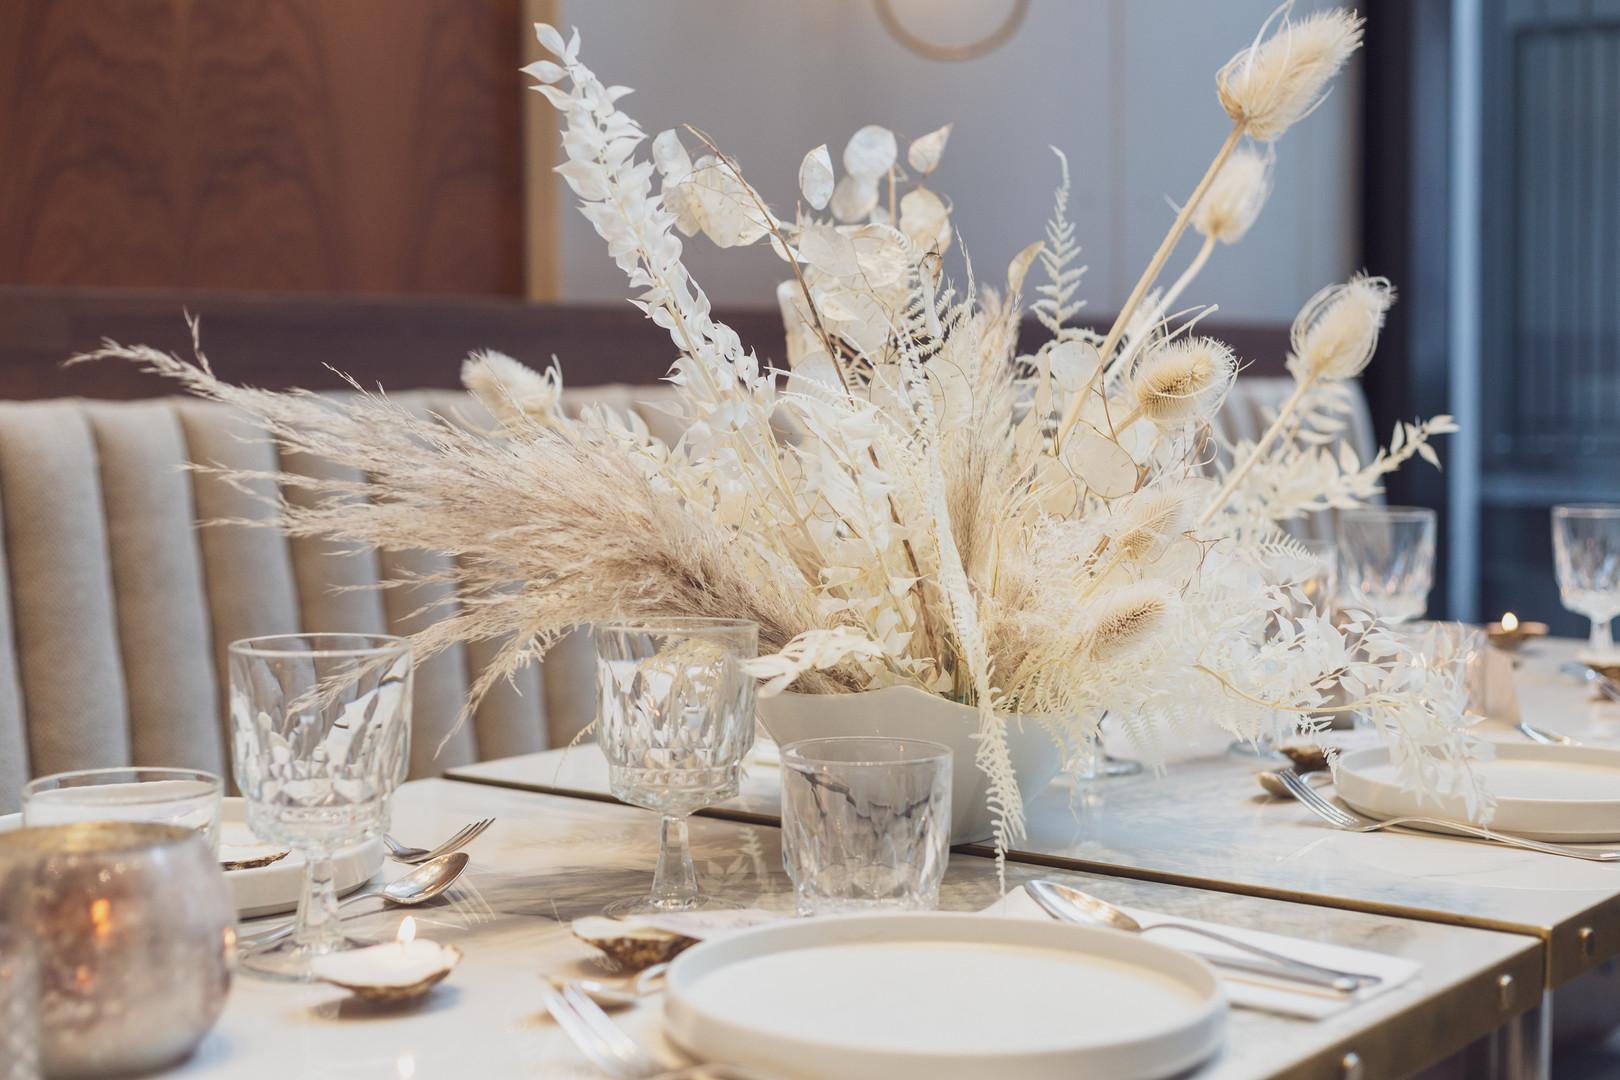 Dried flower centrepiece